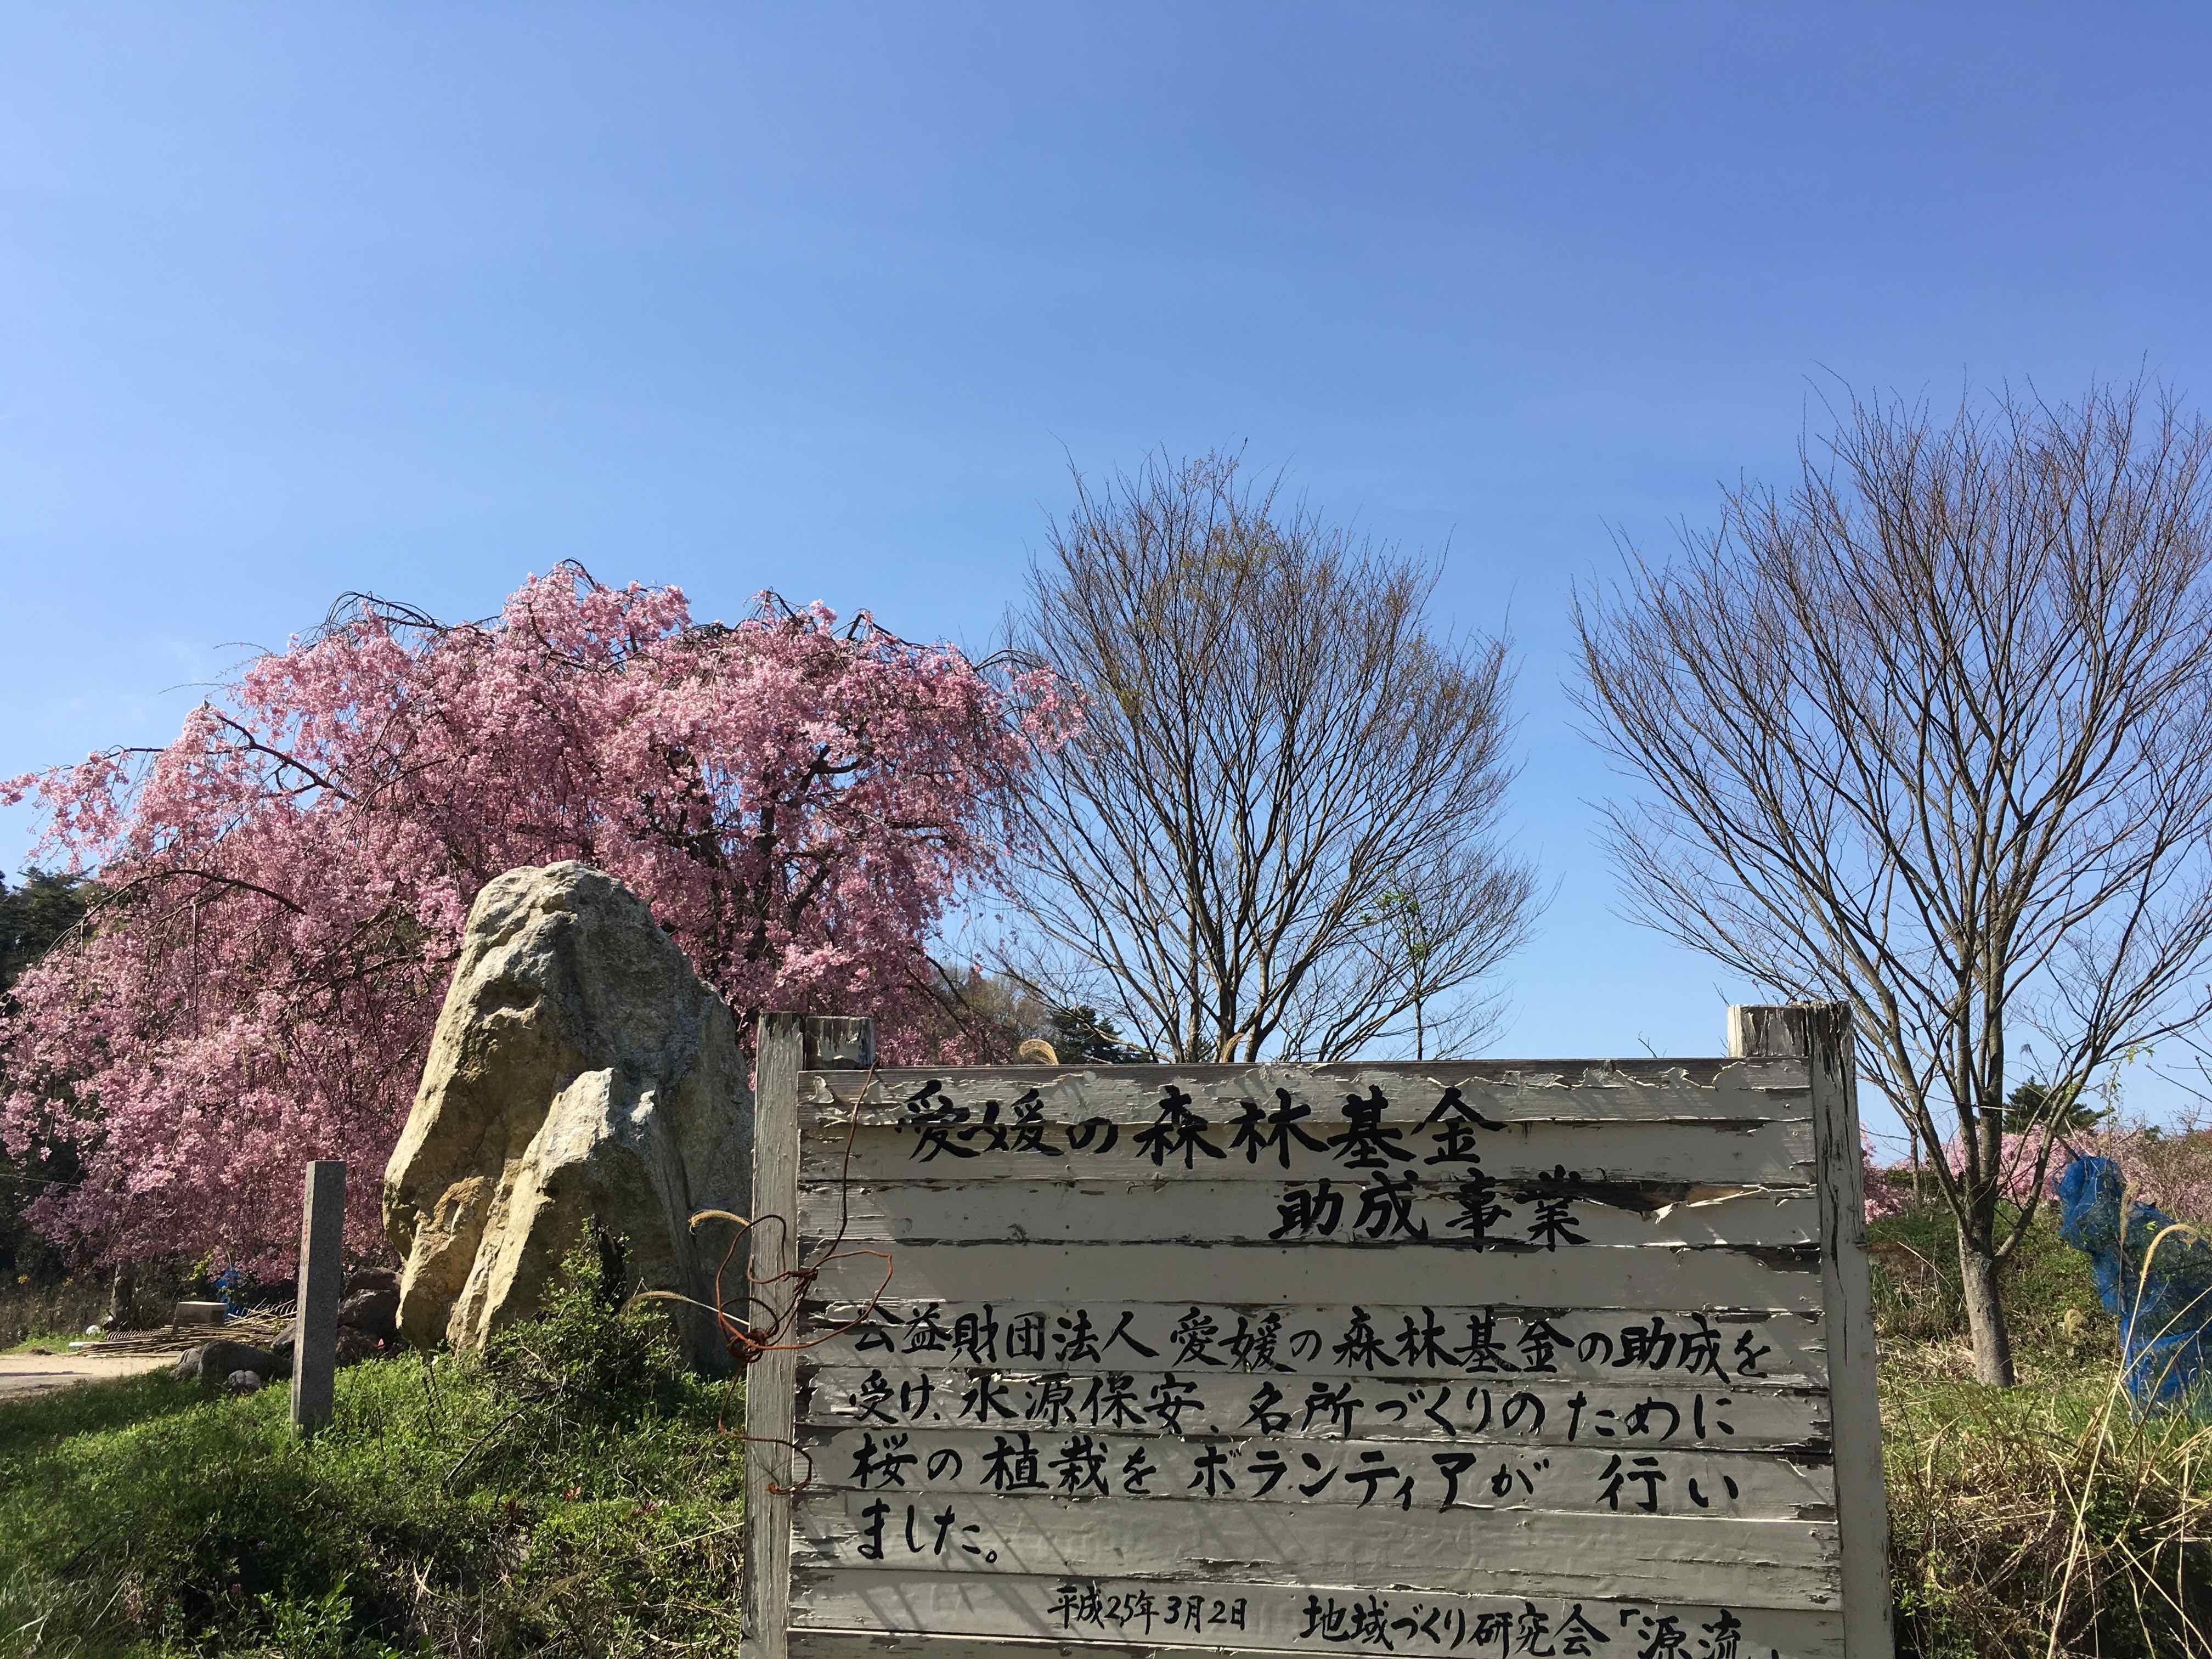 みとん今治,嵯峨子城趾,玉川,枝垂れ桜,開花状況